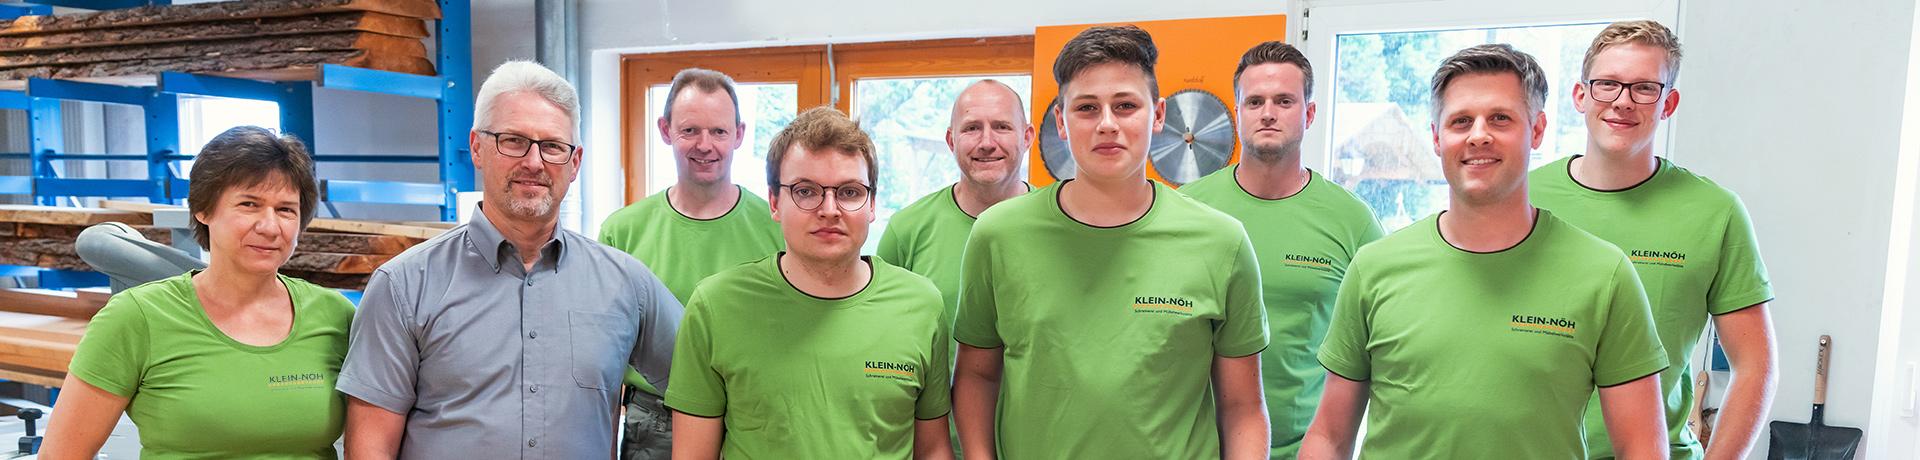 Team Schreinerei Klein Nöh in Netphen